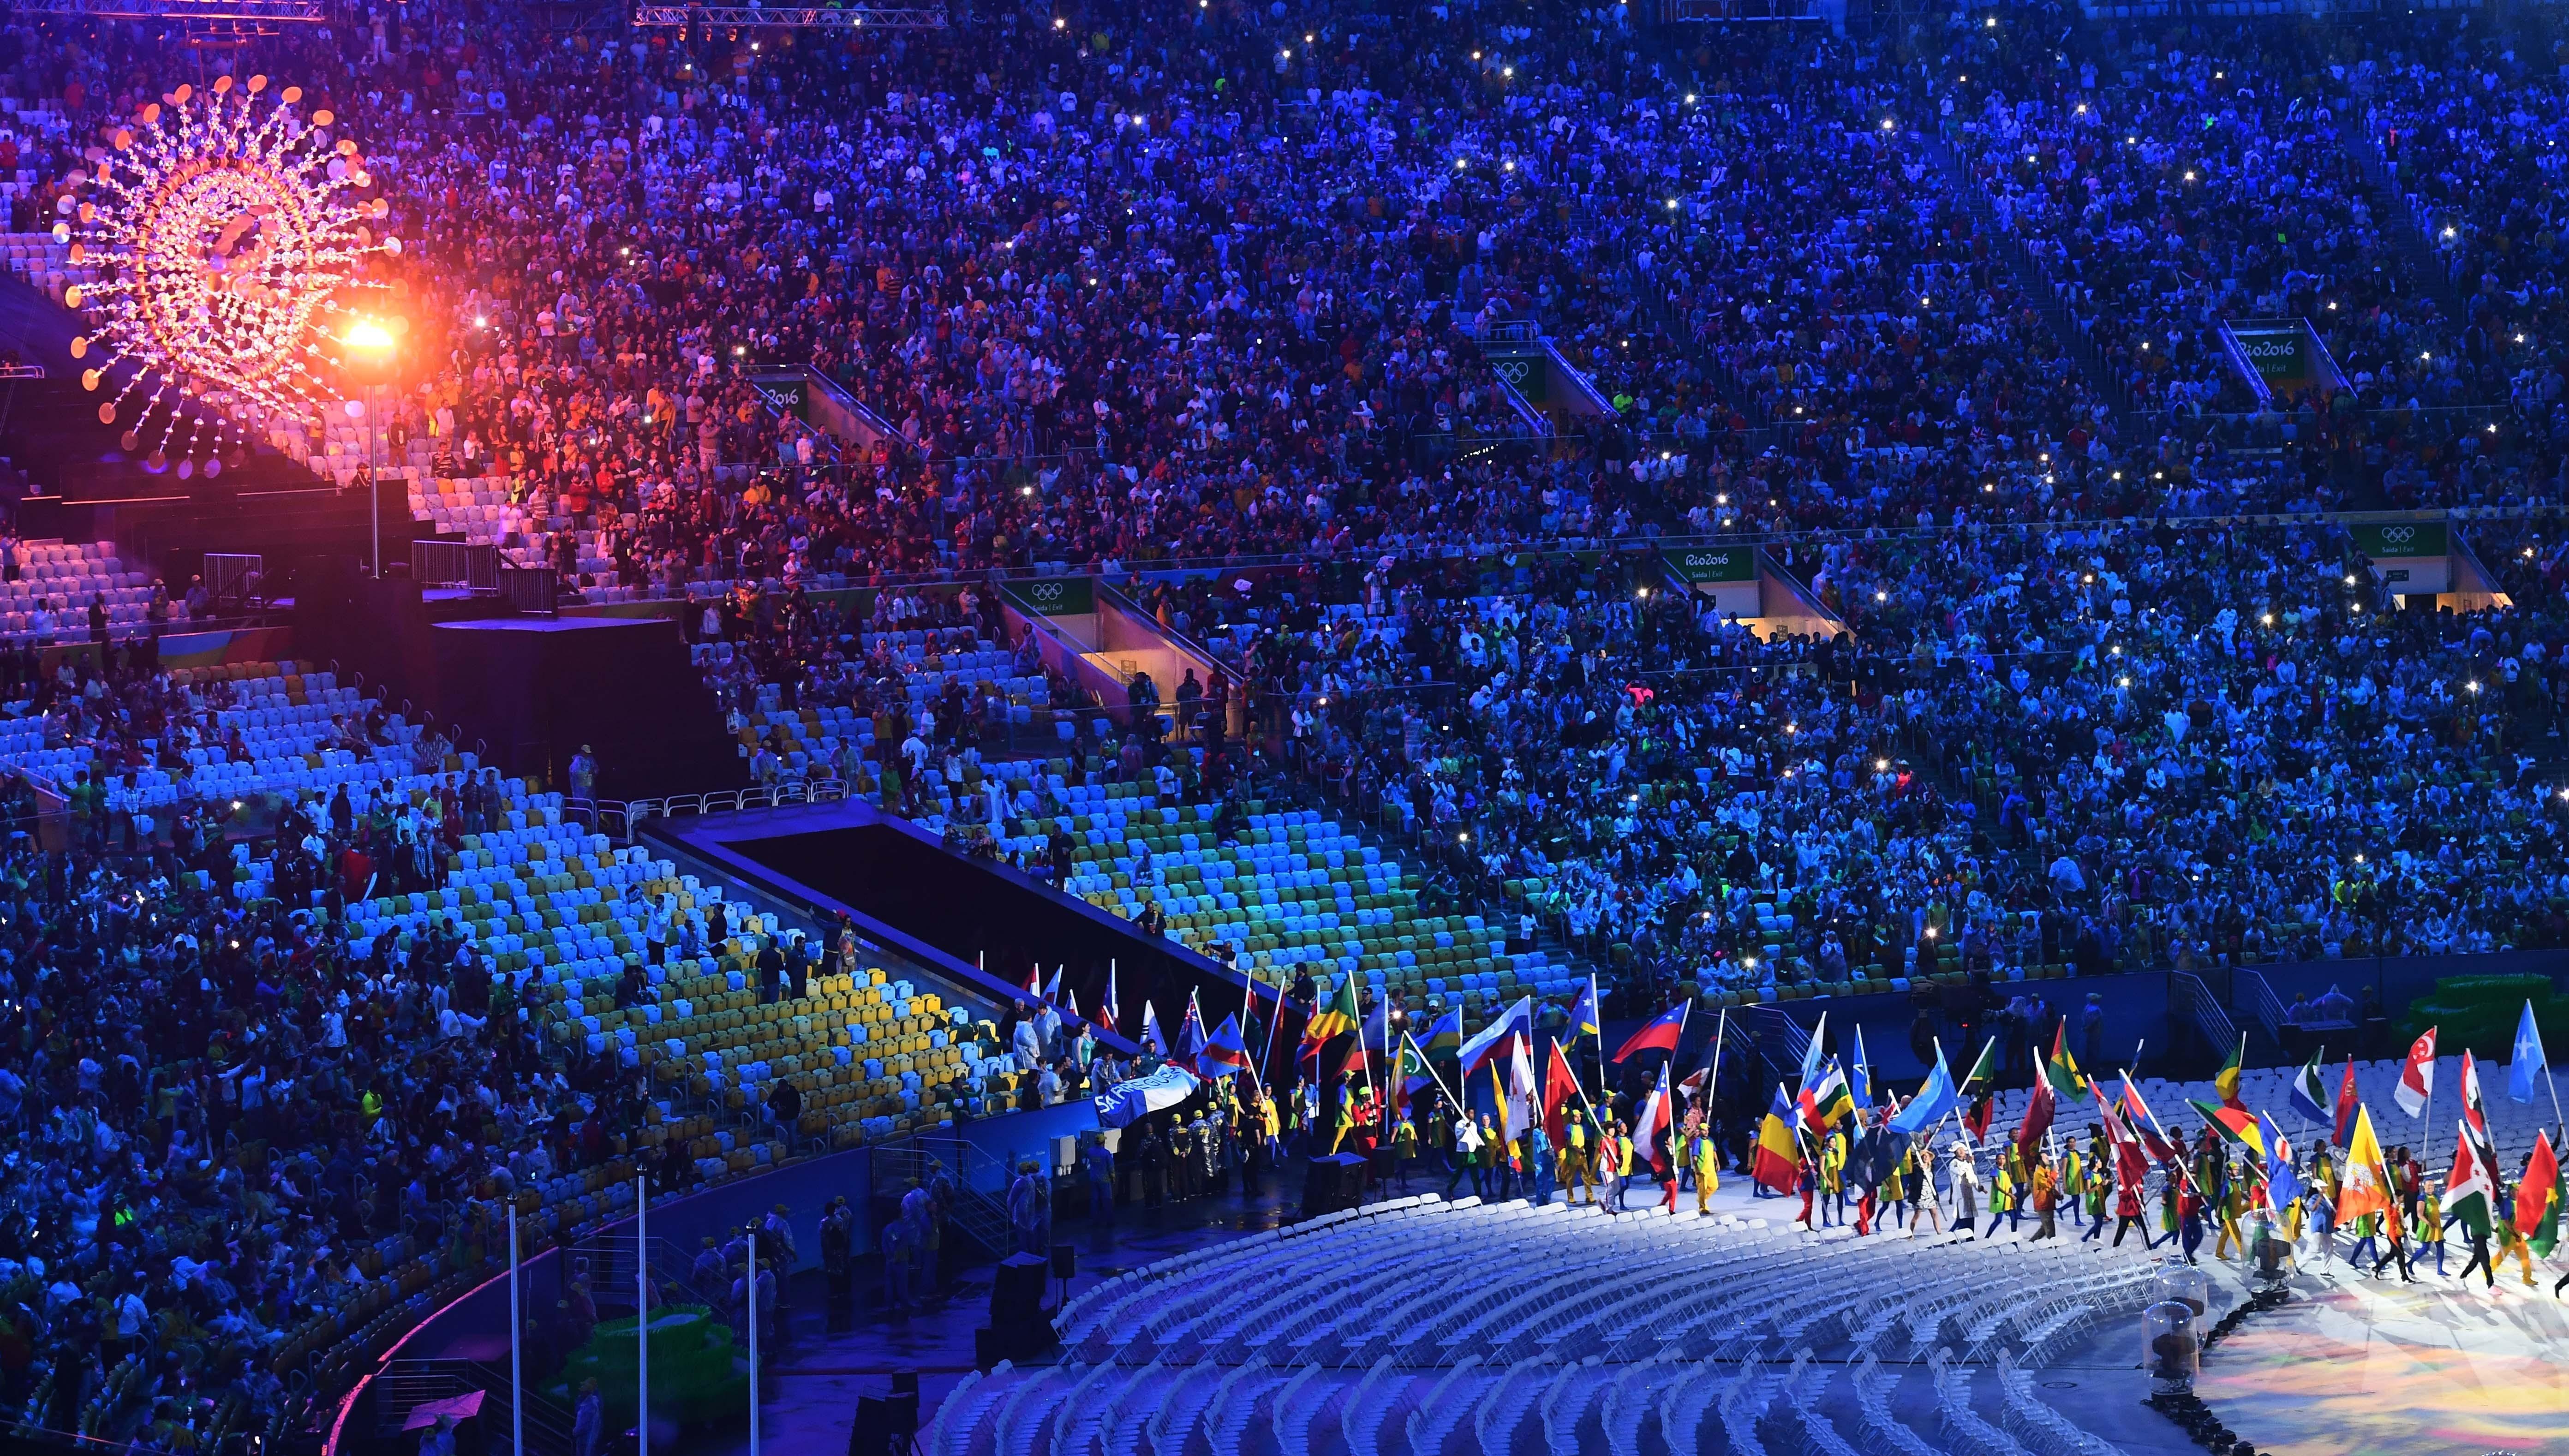 (160821) -- RIO DE JANEIRO, agosto 21, 2016 (Xinhua) -- Abanderados de las delegaciones olímpicas, entran al Estadio Maracaná, durante la ceremonia de clausura de los Juegos Olímpicos de Río de Janeiro 2016, en el Estadio Maracaná, en Río de Janeiro, Brasil, el 21 de agosto de 2016. (Xinhua/Yan Yan) (rtg) (ce)